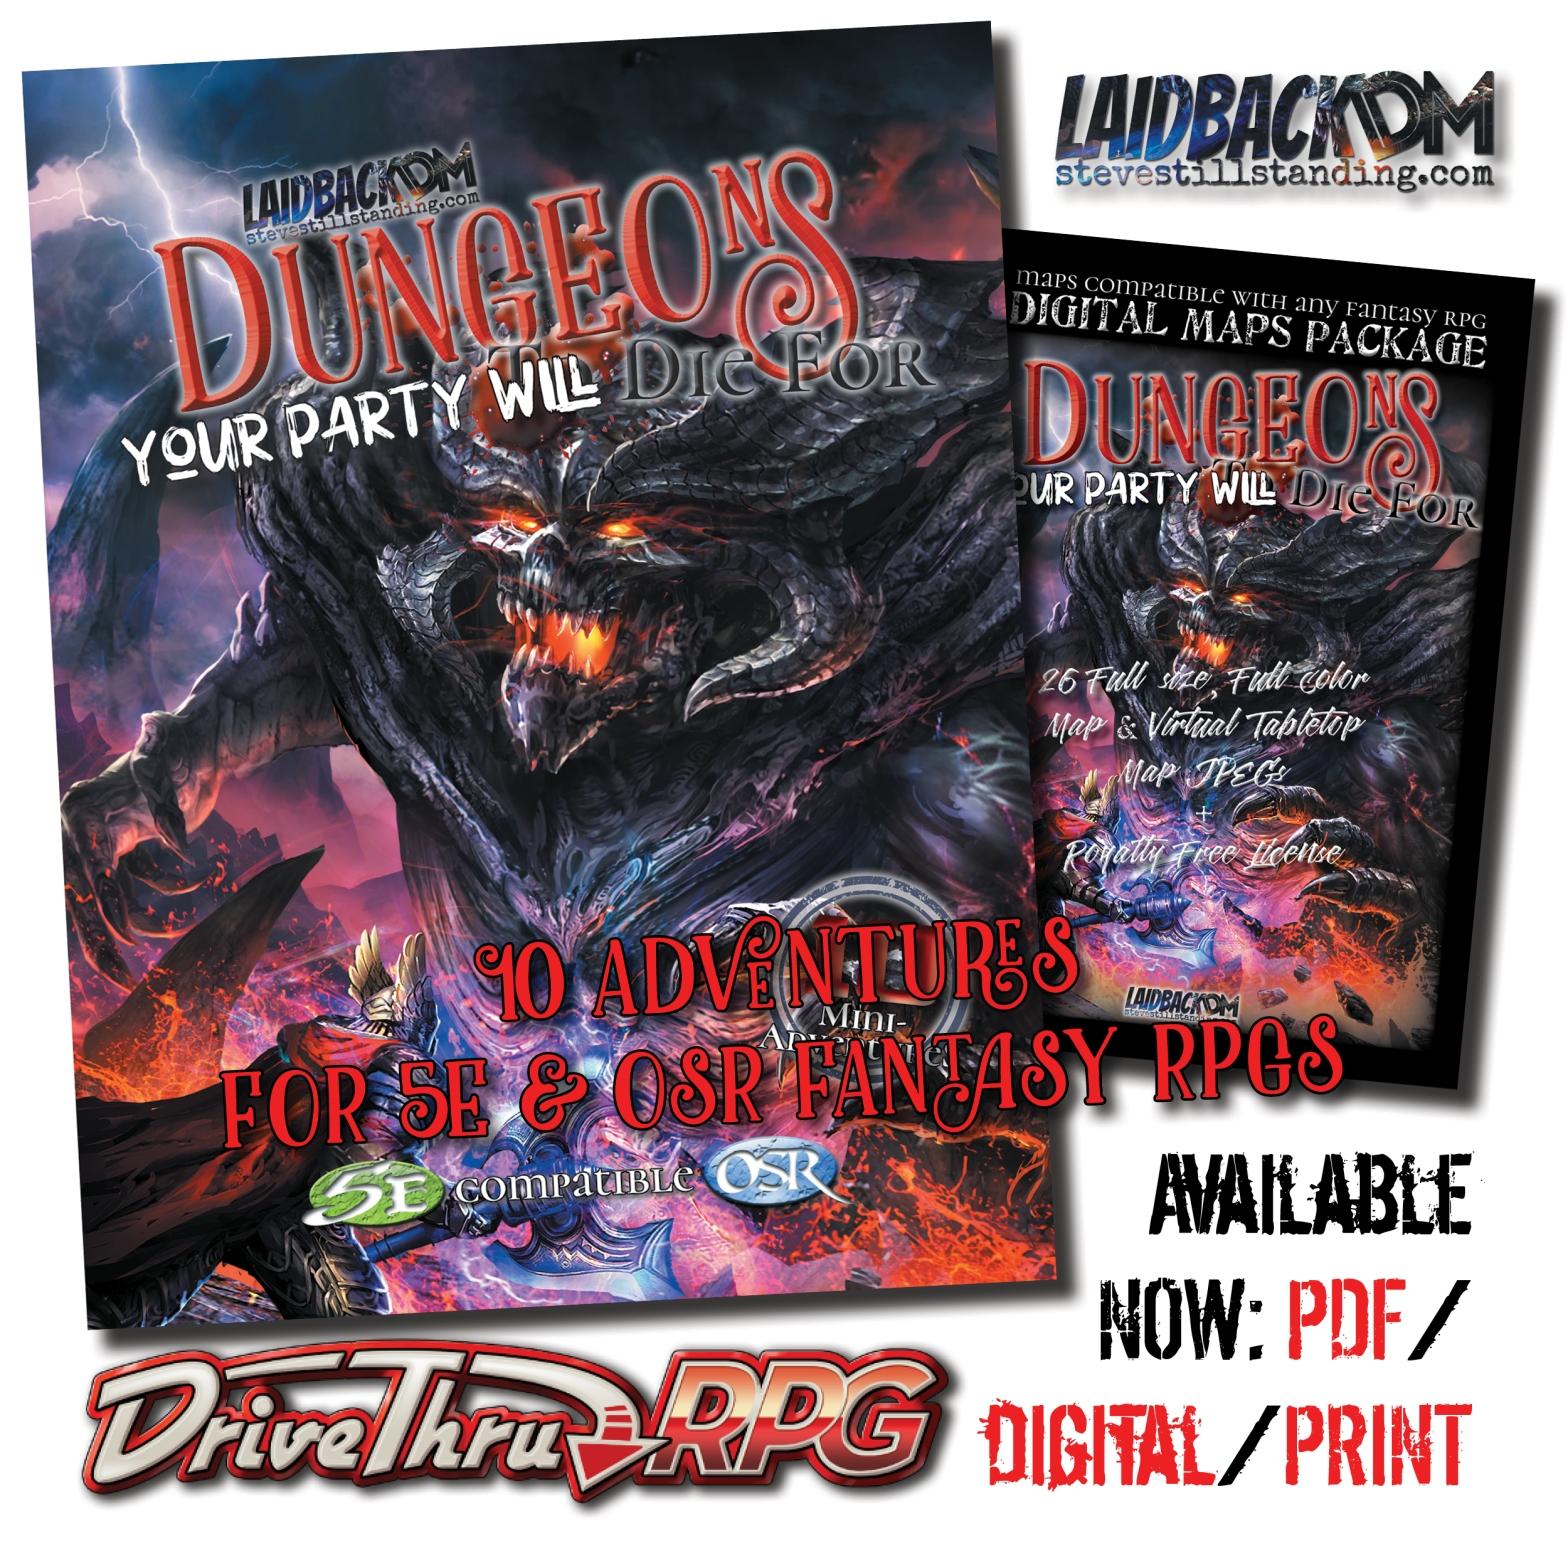 Laidback DM - DYPWDF DrivethruRPG Ad